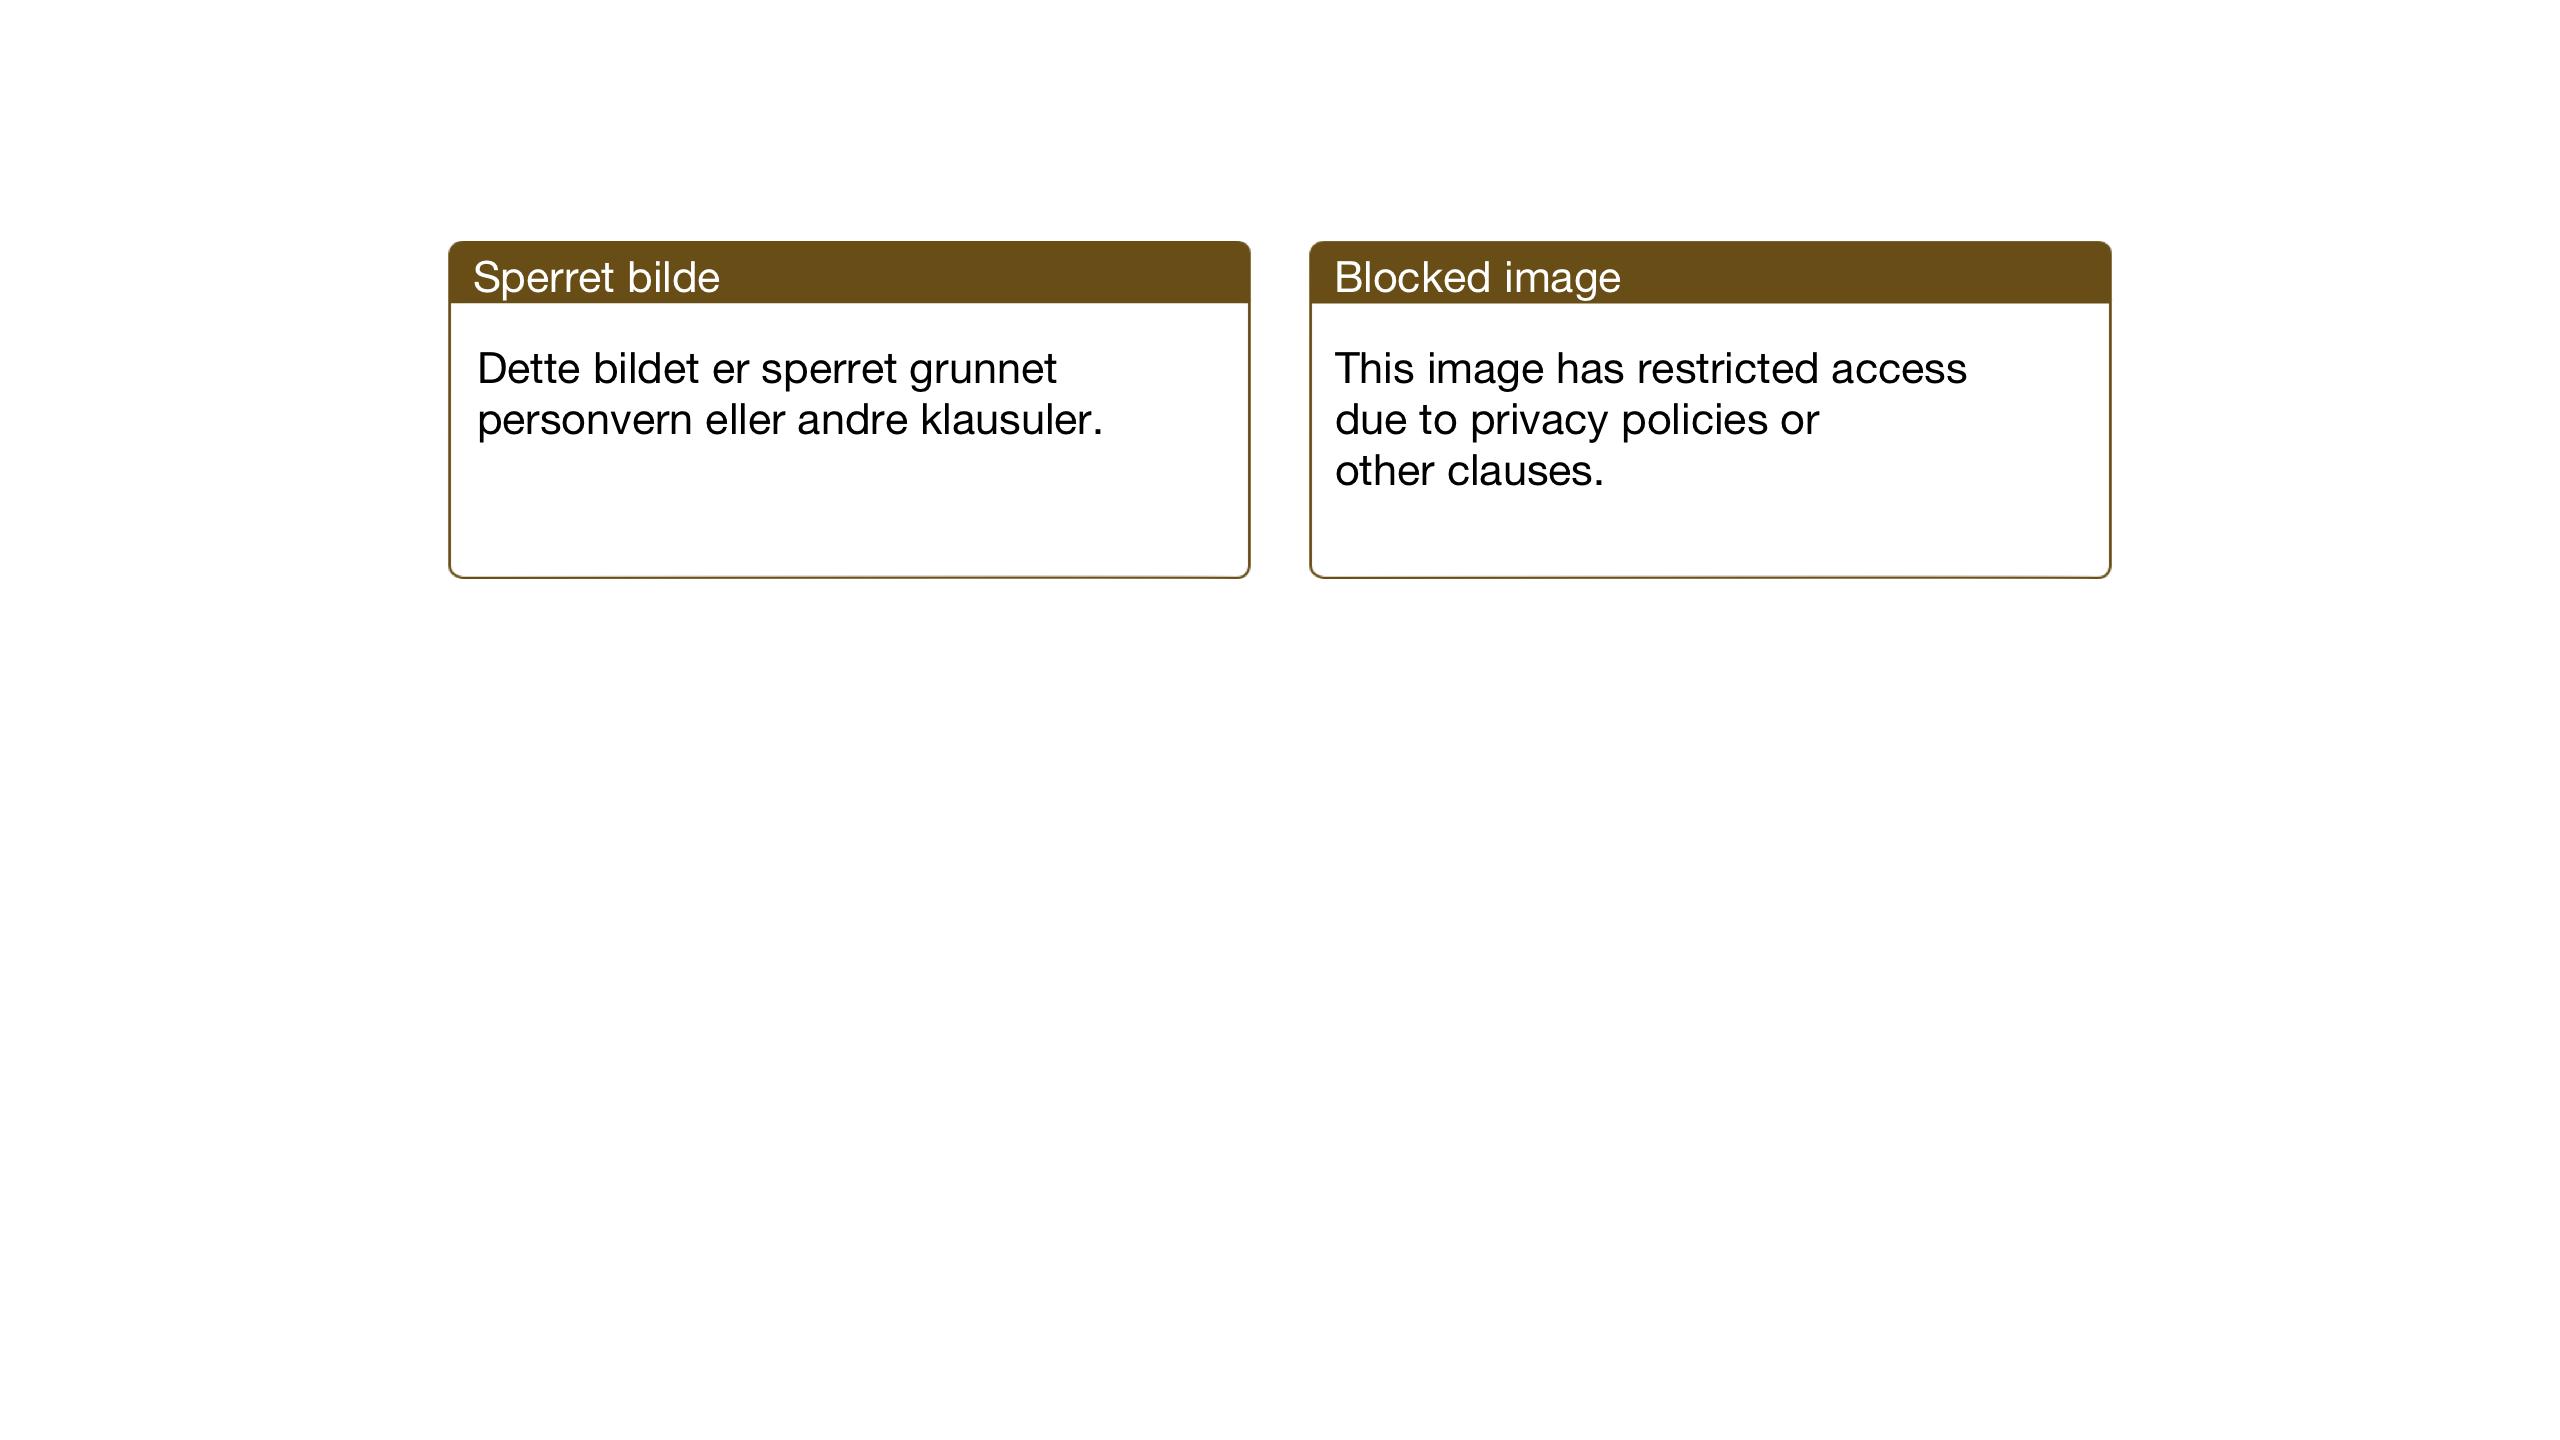 SAT, Ministerialprotokoller, klokkerbøker og fødselsregistre - Nord-Trøndelag, 770/L0592: Klokkerbok nr. 770C03, 1941-1950, s. 10